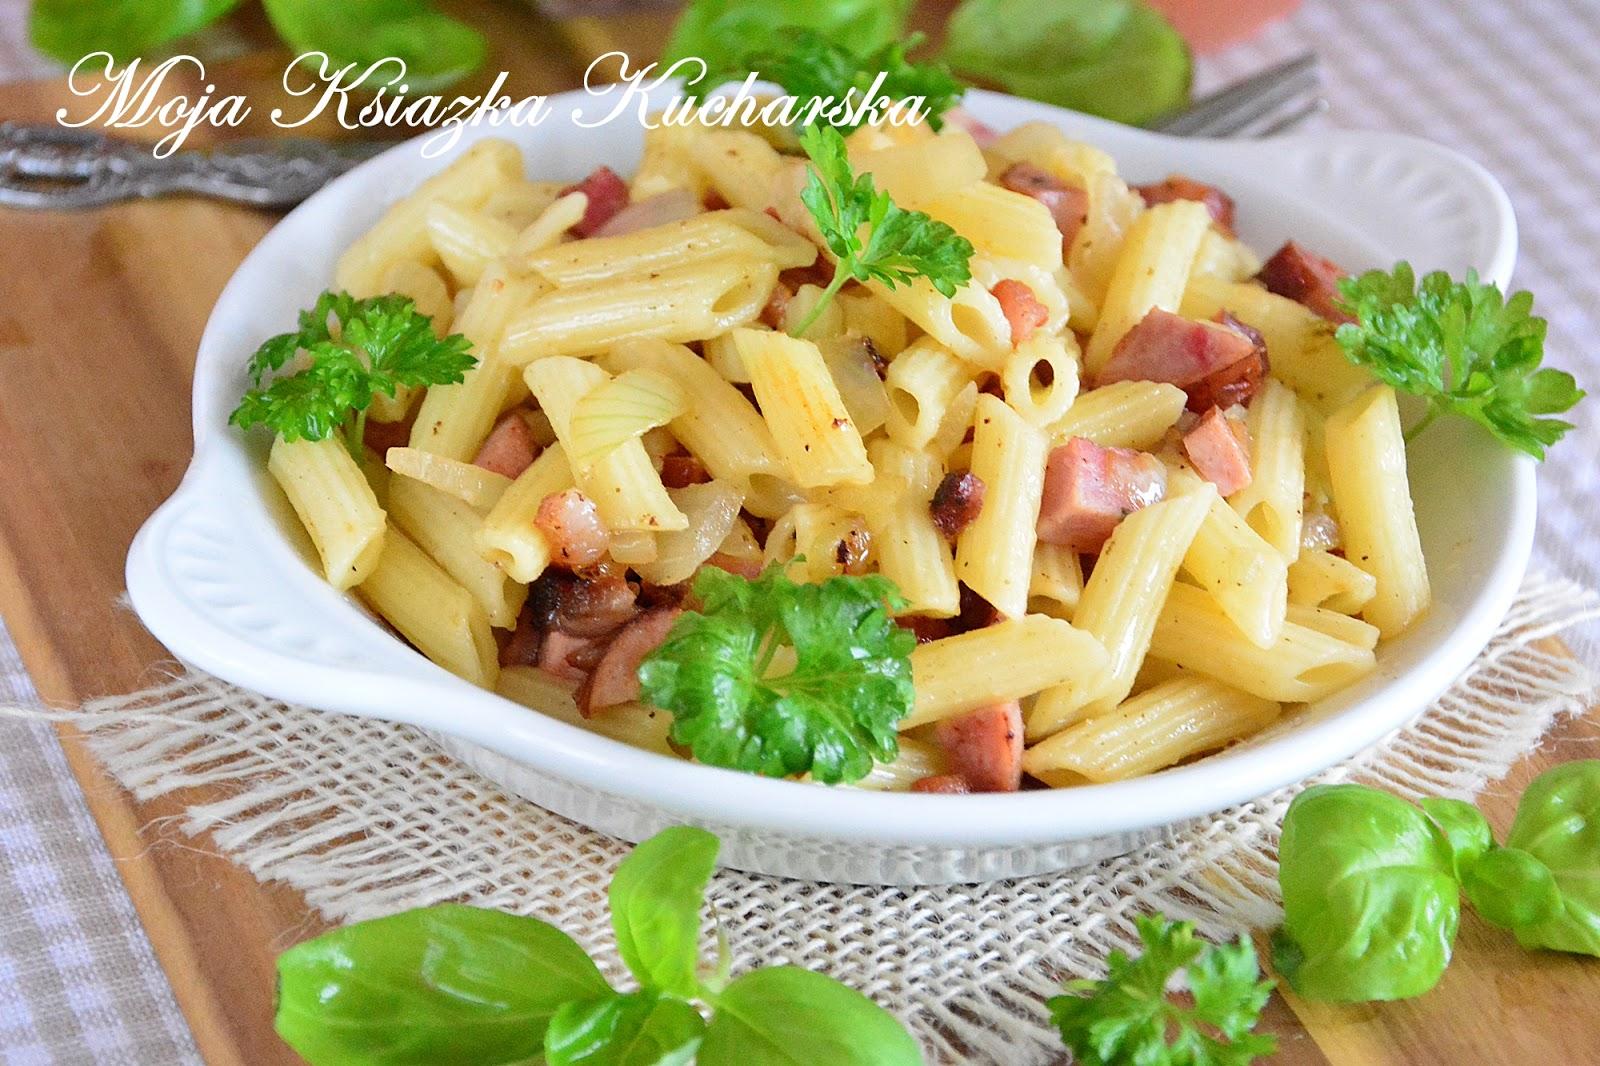 Makaron Z Kielbasa I Cebula Sposob Na Szybki I Smaczny Obiad Moja